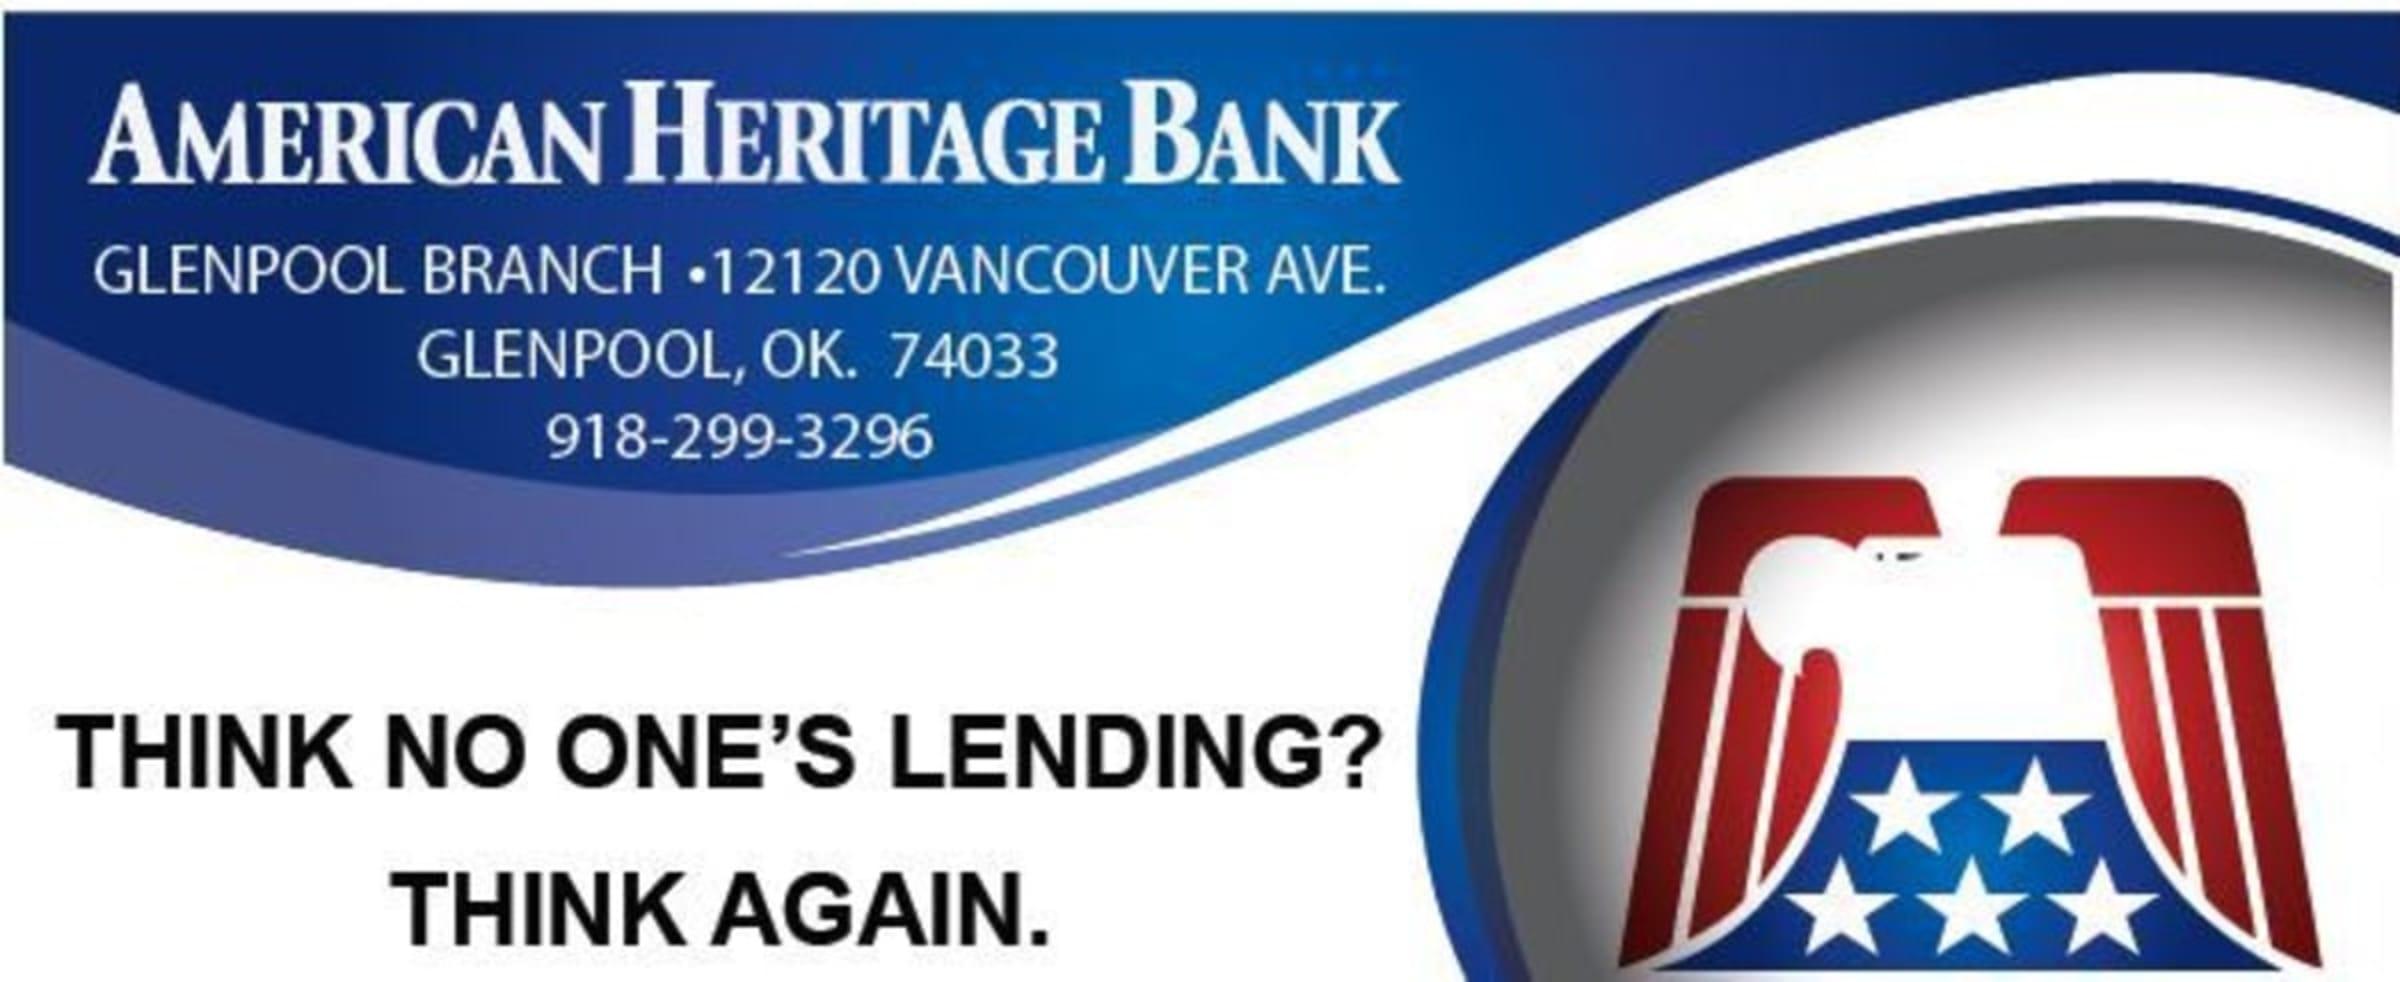 American-Heritage-Bank-1(1).JPG-w1200.jpg